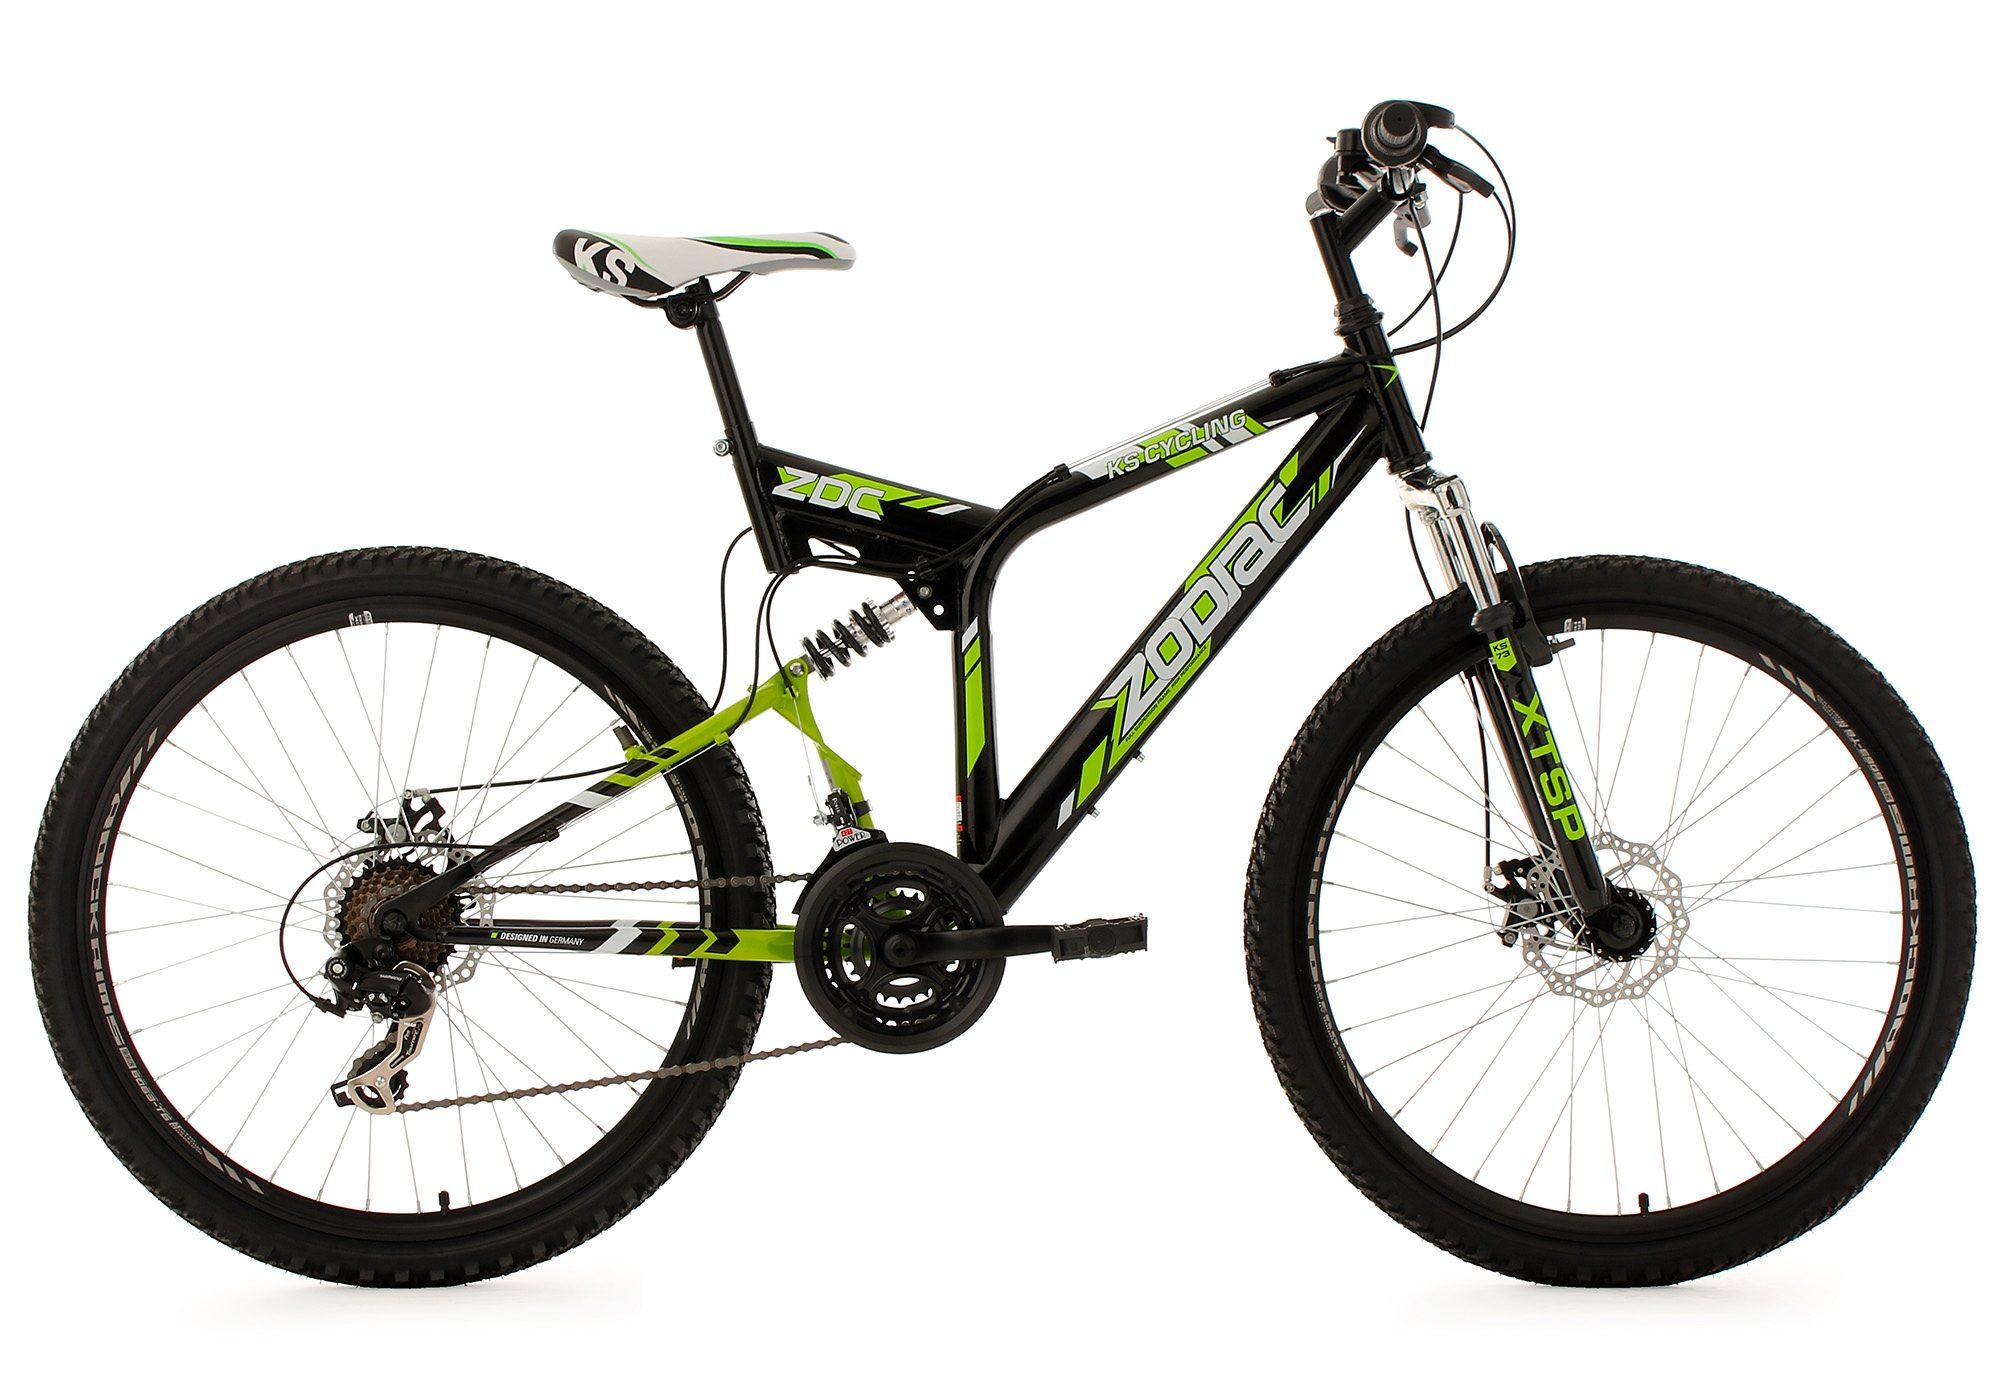 Fully-Mountainbike, 26 Zoll, schwarz-grün, 21-Gang-Kettenschaltung, »Zodiac«, KS Cycling